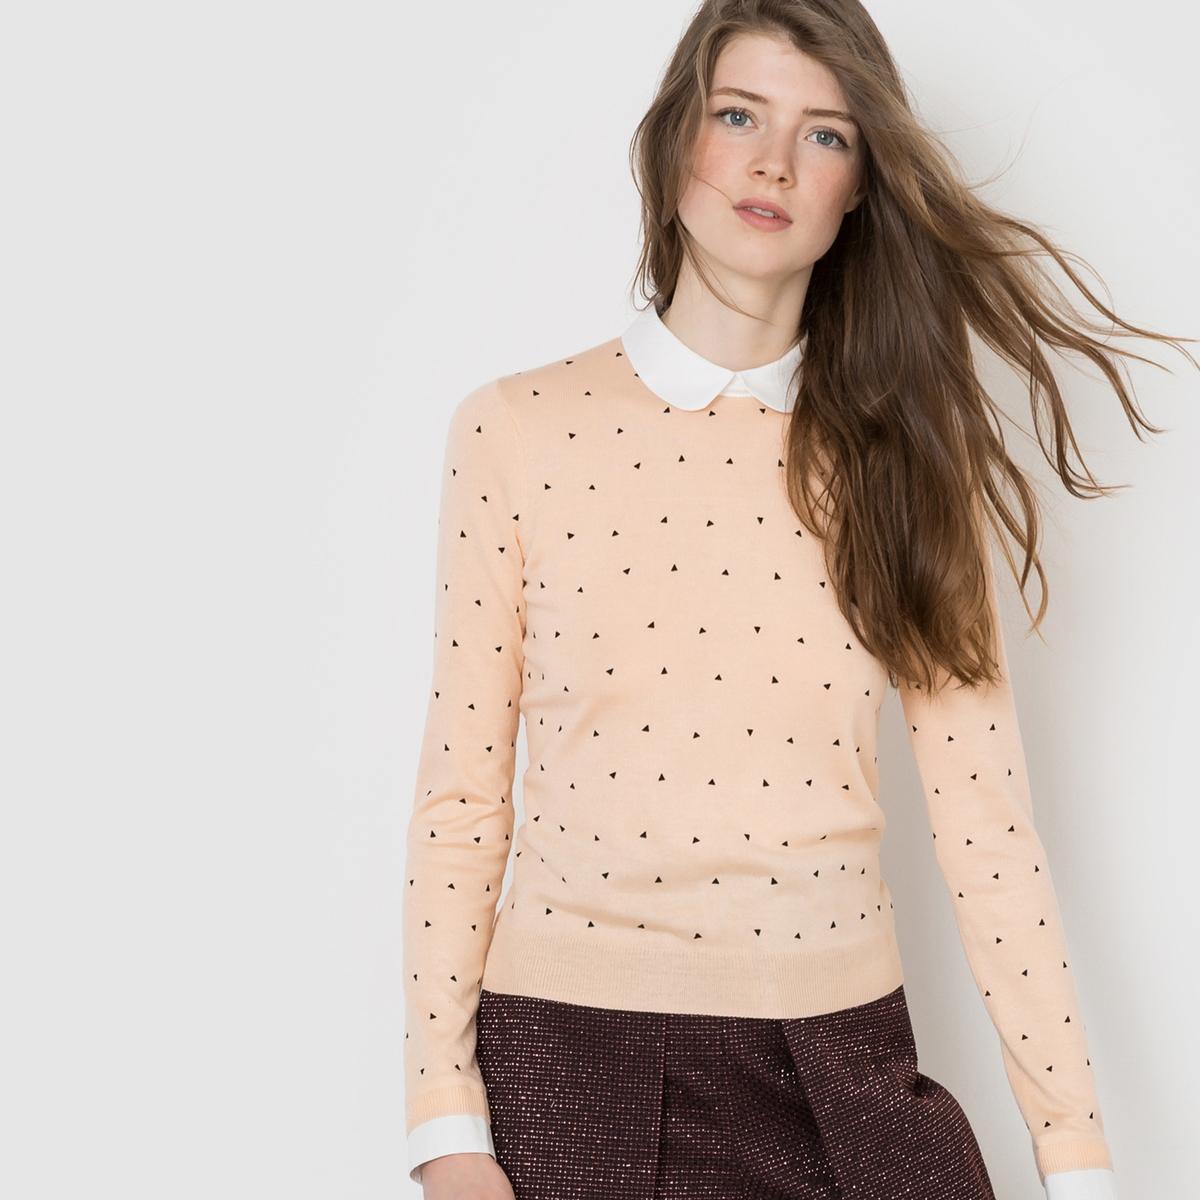 Пуловер с отложным воротникомСостав и описание:Материал: 50% вискозы, 40% полиамида, 10% шерсти.Длина: 56 см.Марка: MADEMOISELLE R<br><br>Цвет: телесный